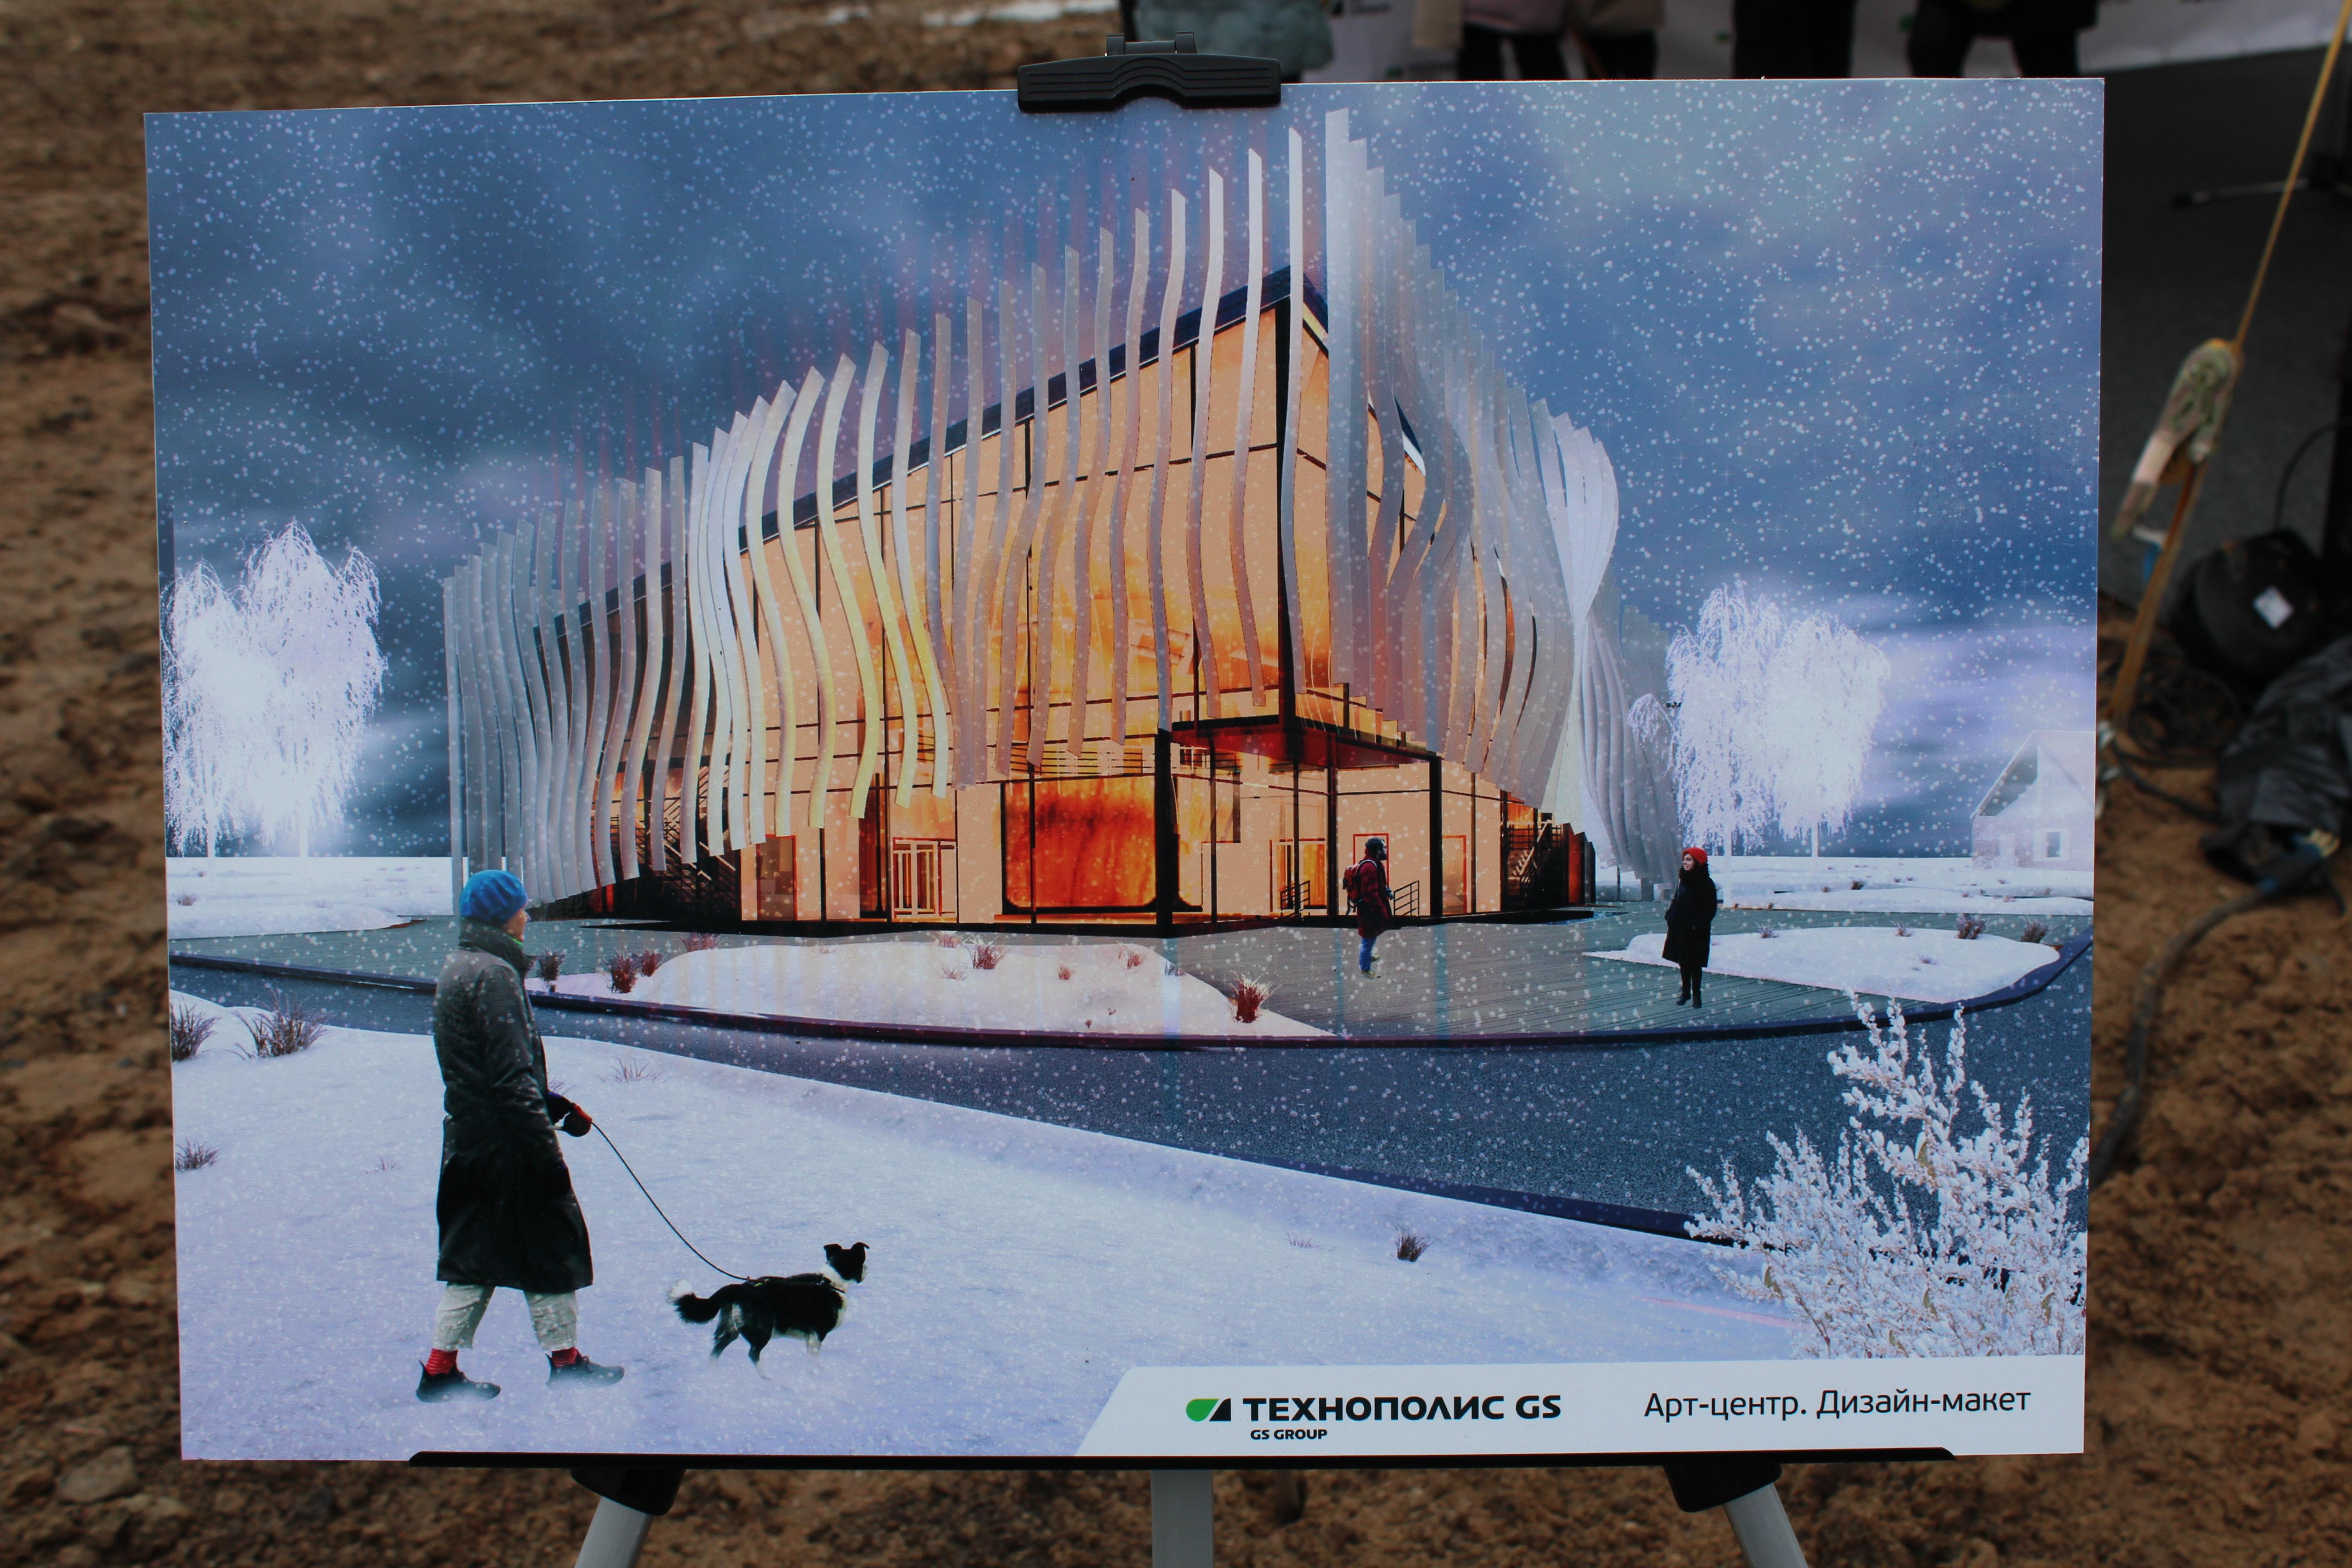 ВГусеве прошла церемония закладки капсулы наместе будущего арт-центра